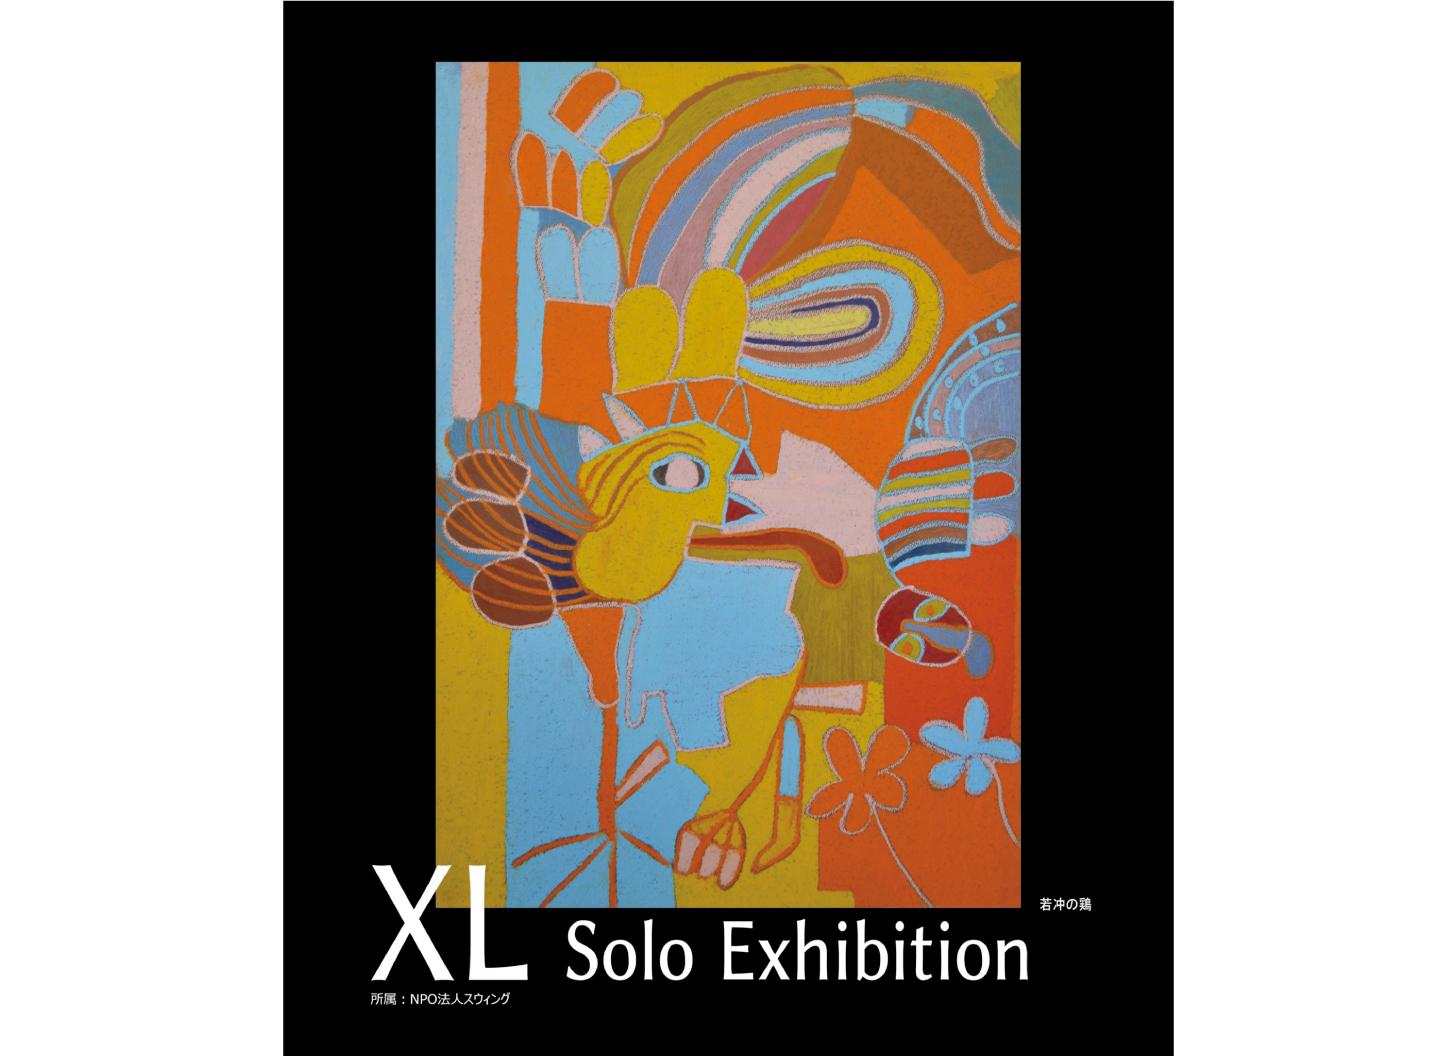 XL Solo Exhibition